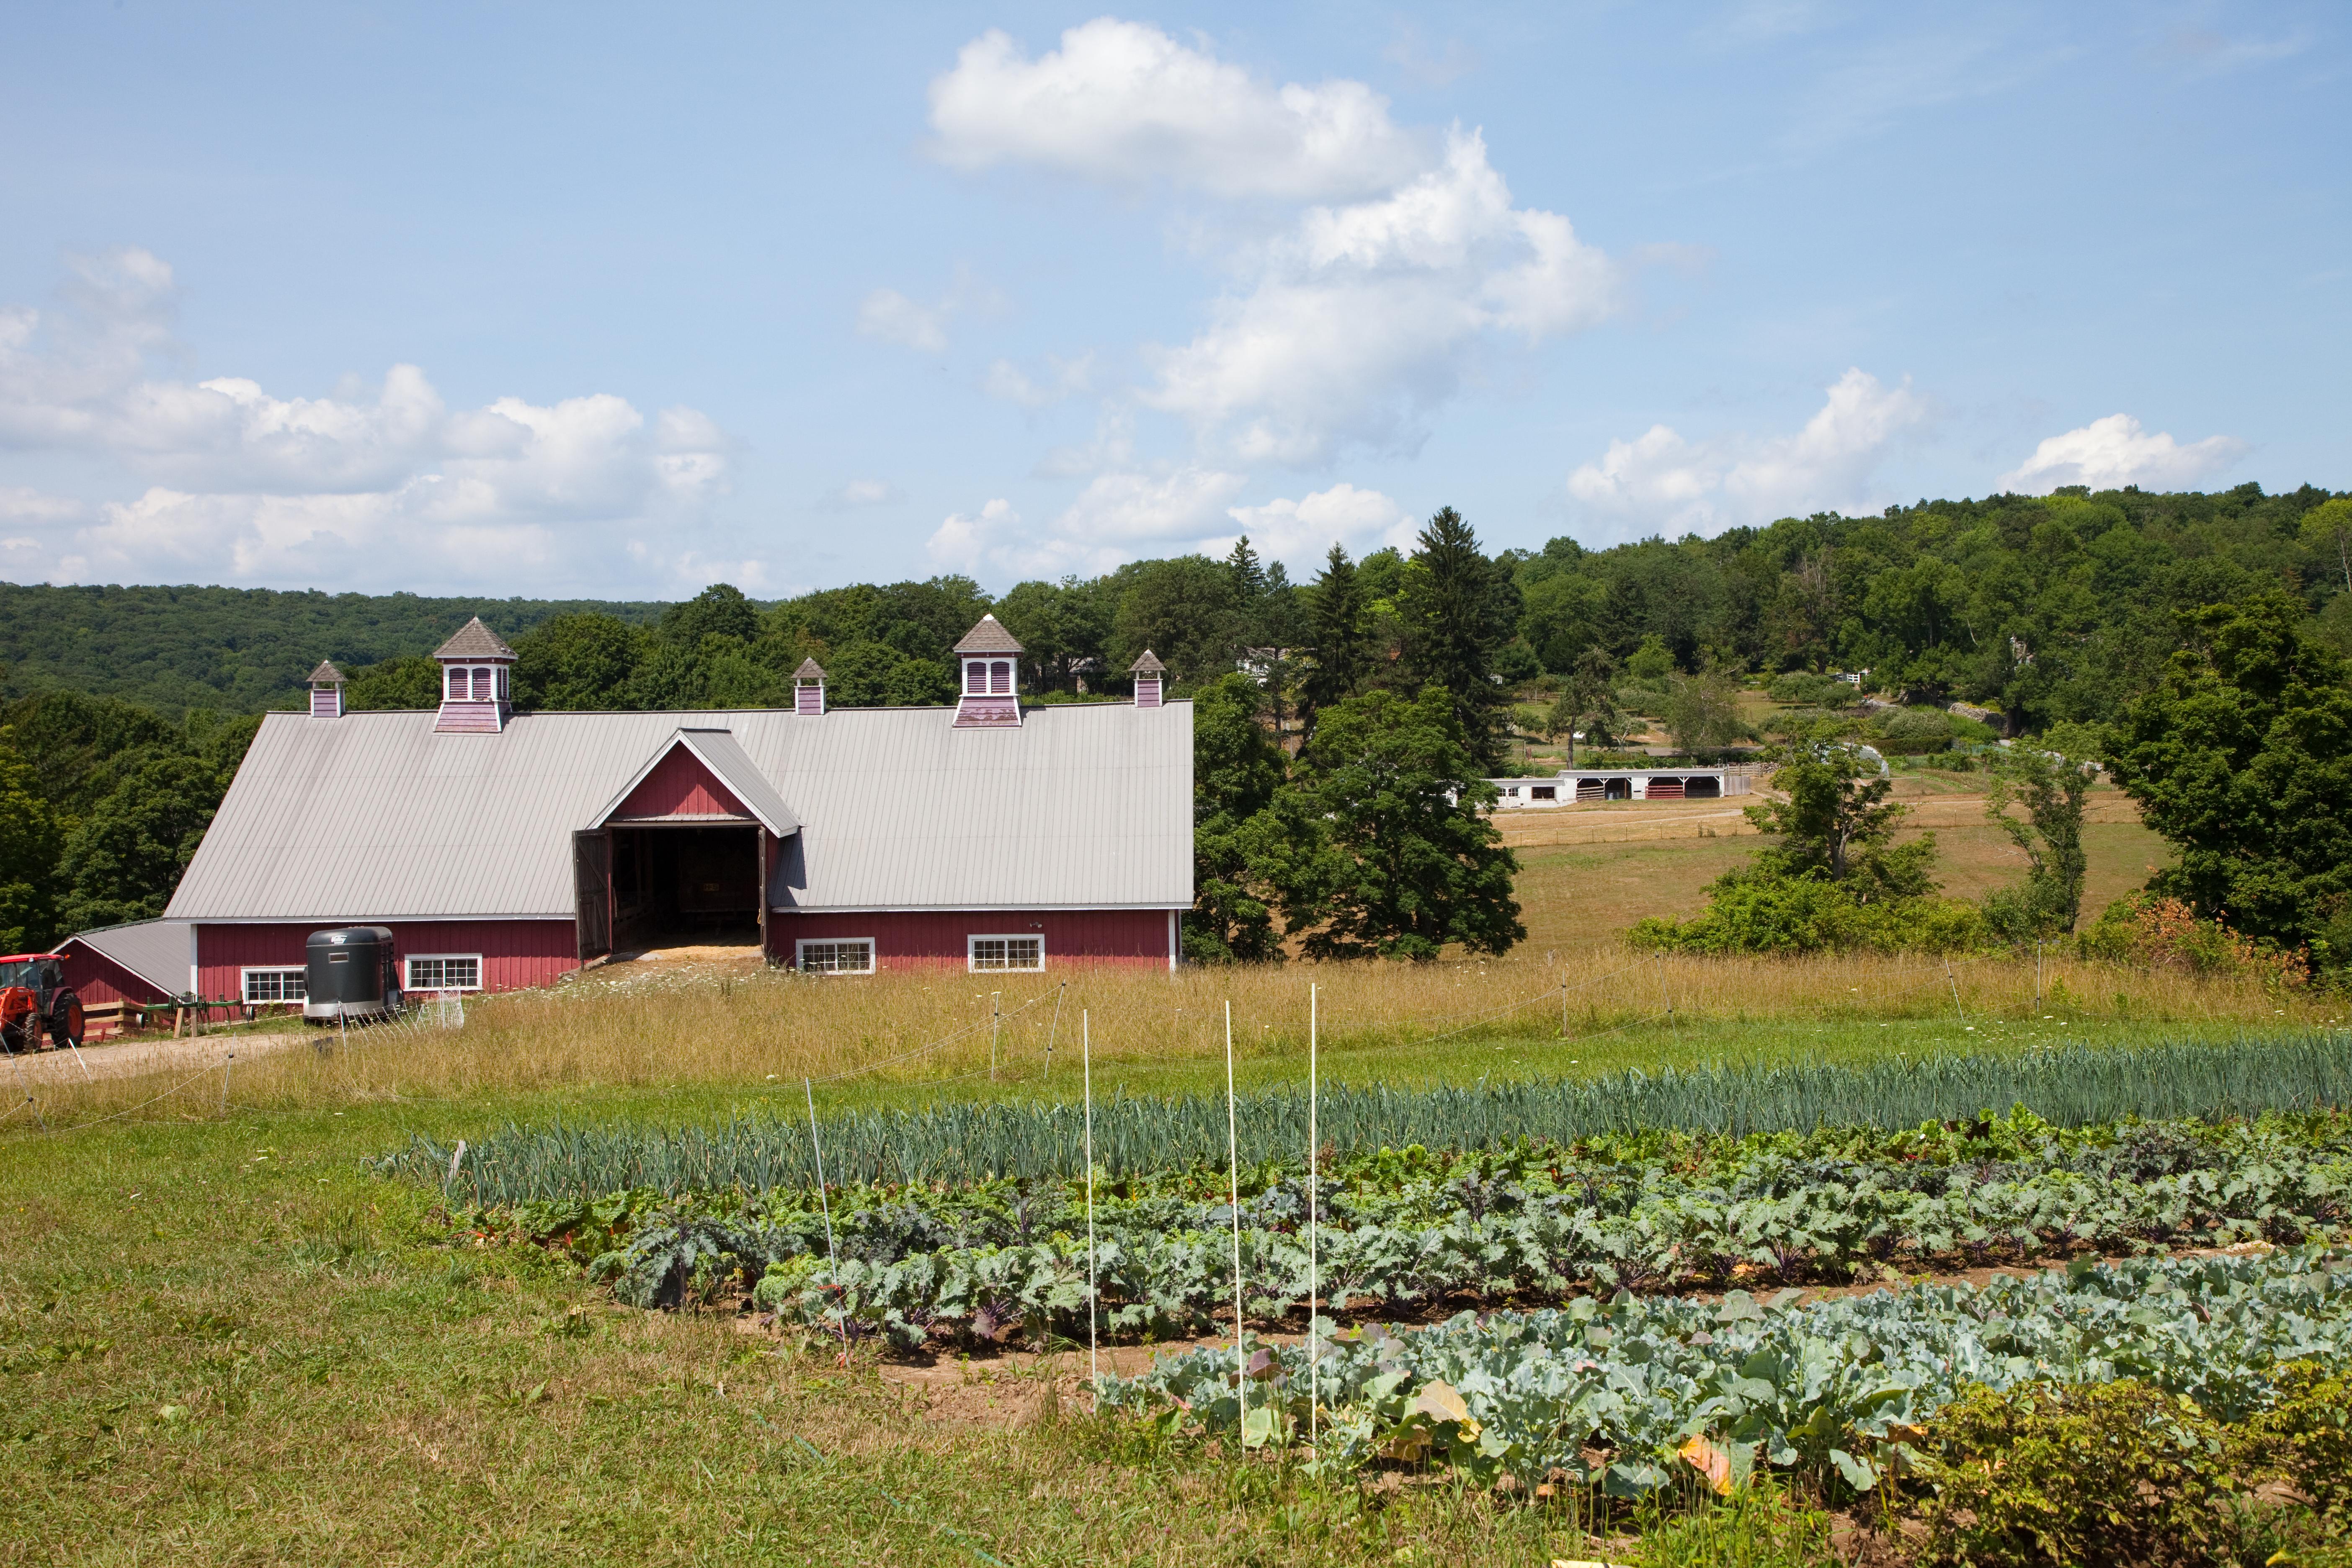 Partner Spotlight: The Hudson Valley Farmlink Network